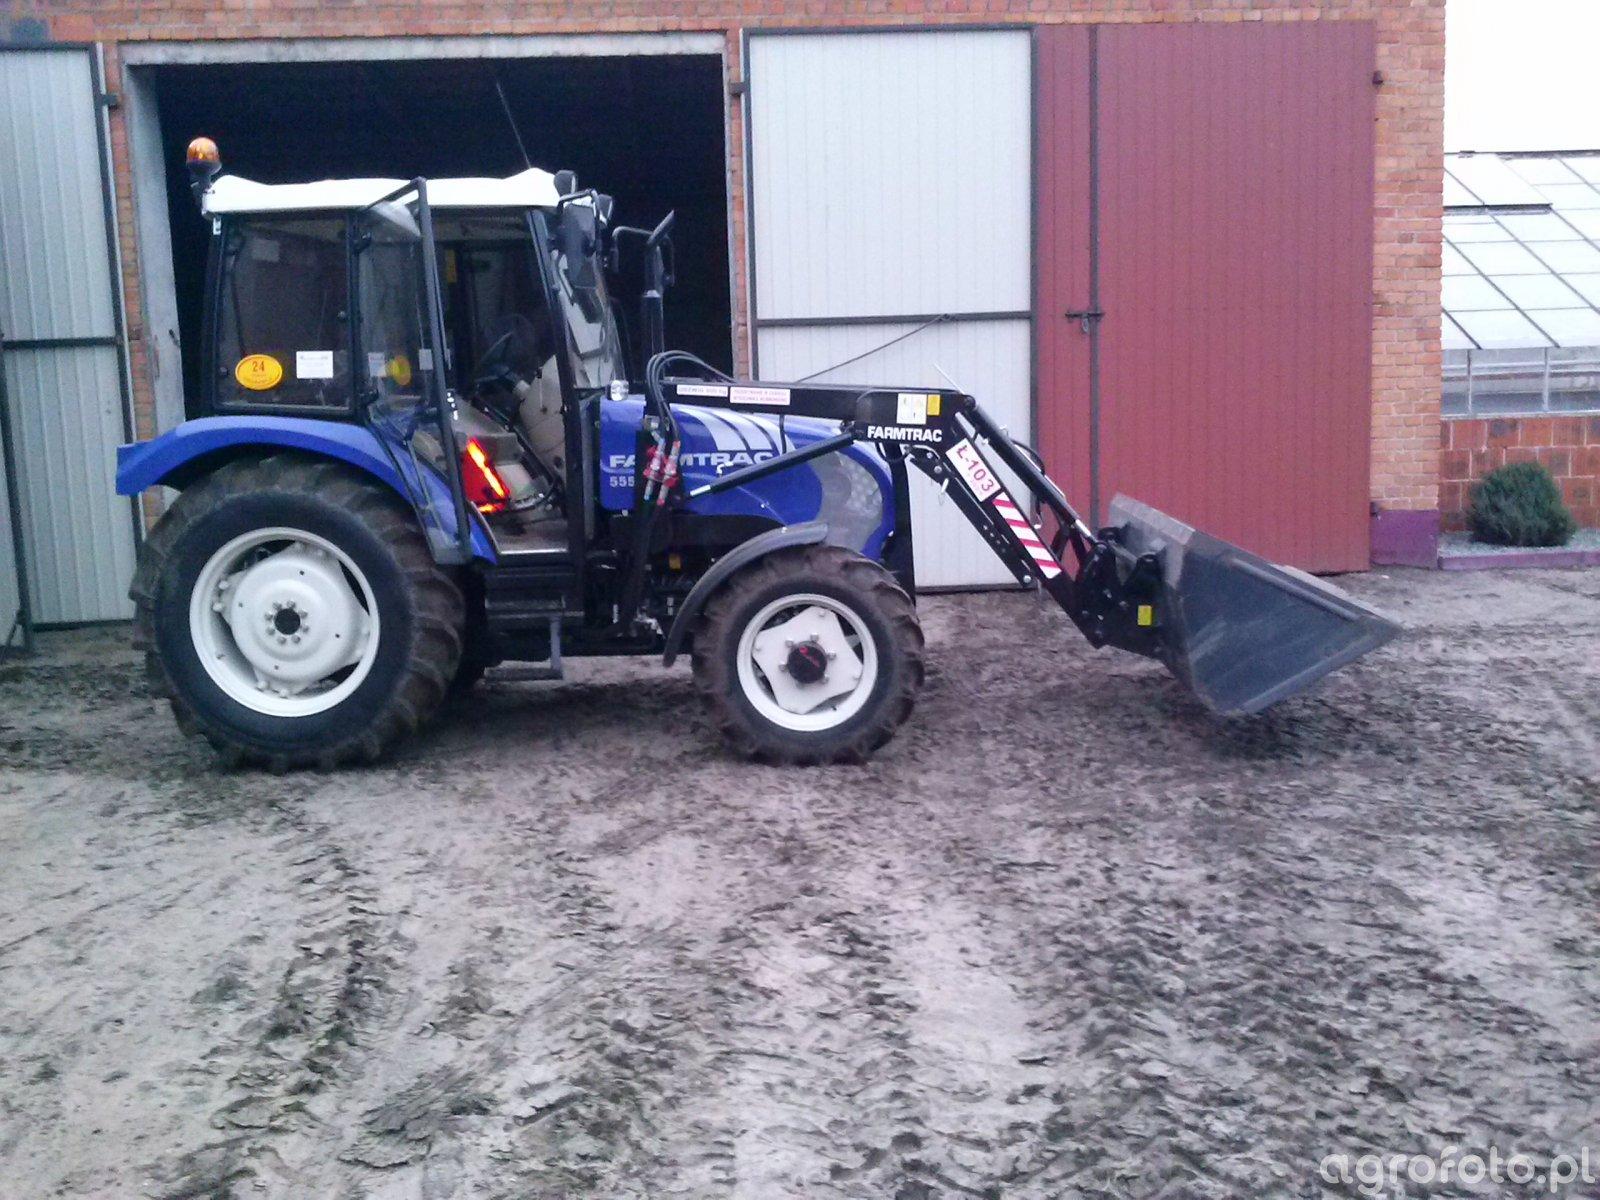 Farmtrac 555DT